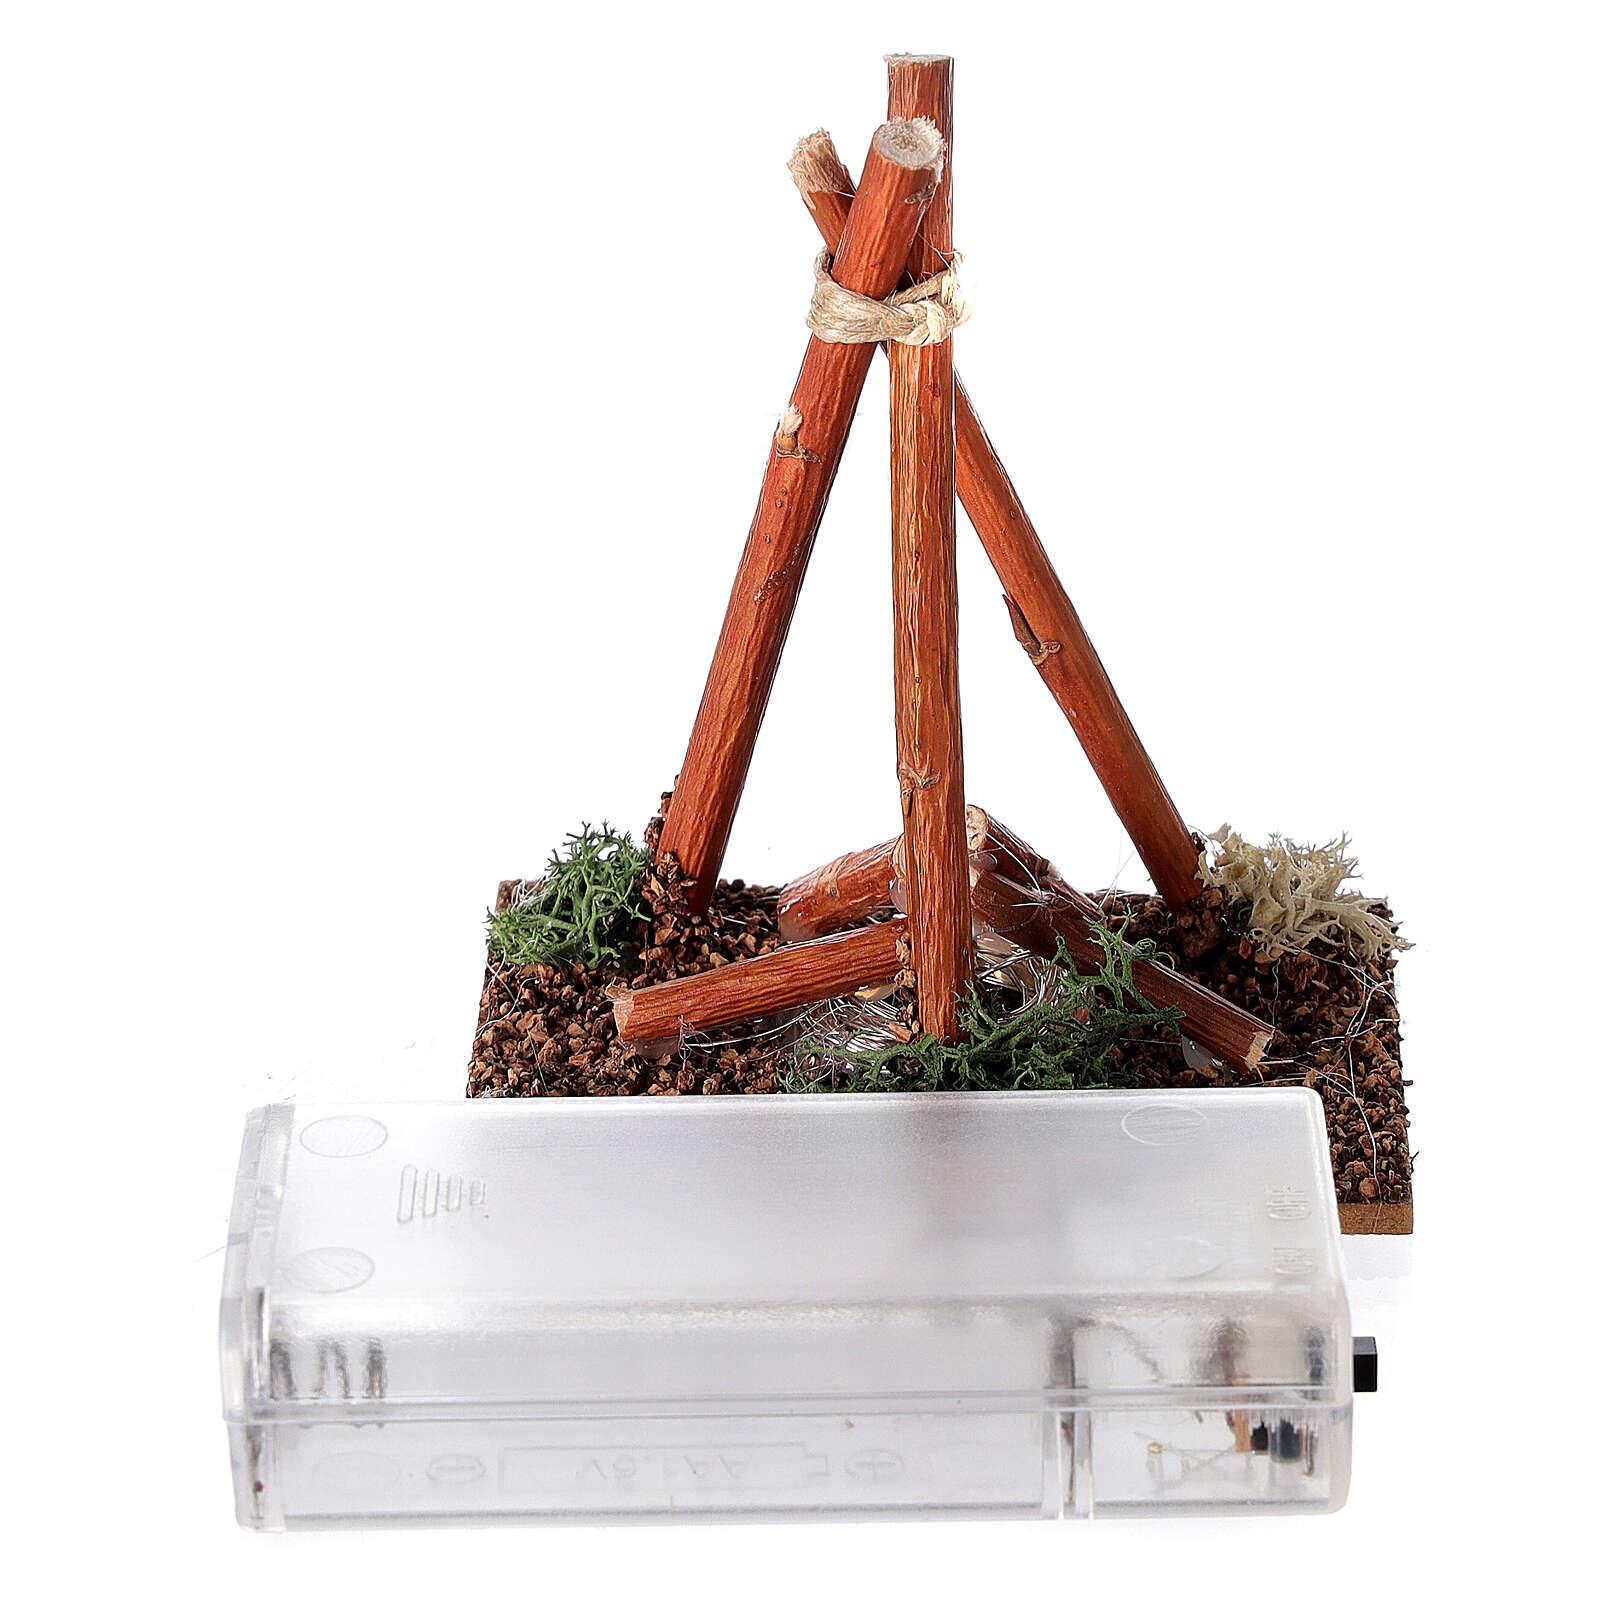 Fogueira com luz efeito cama miniatura para presépio com figuras altura média 8-10 cm 4